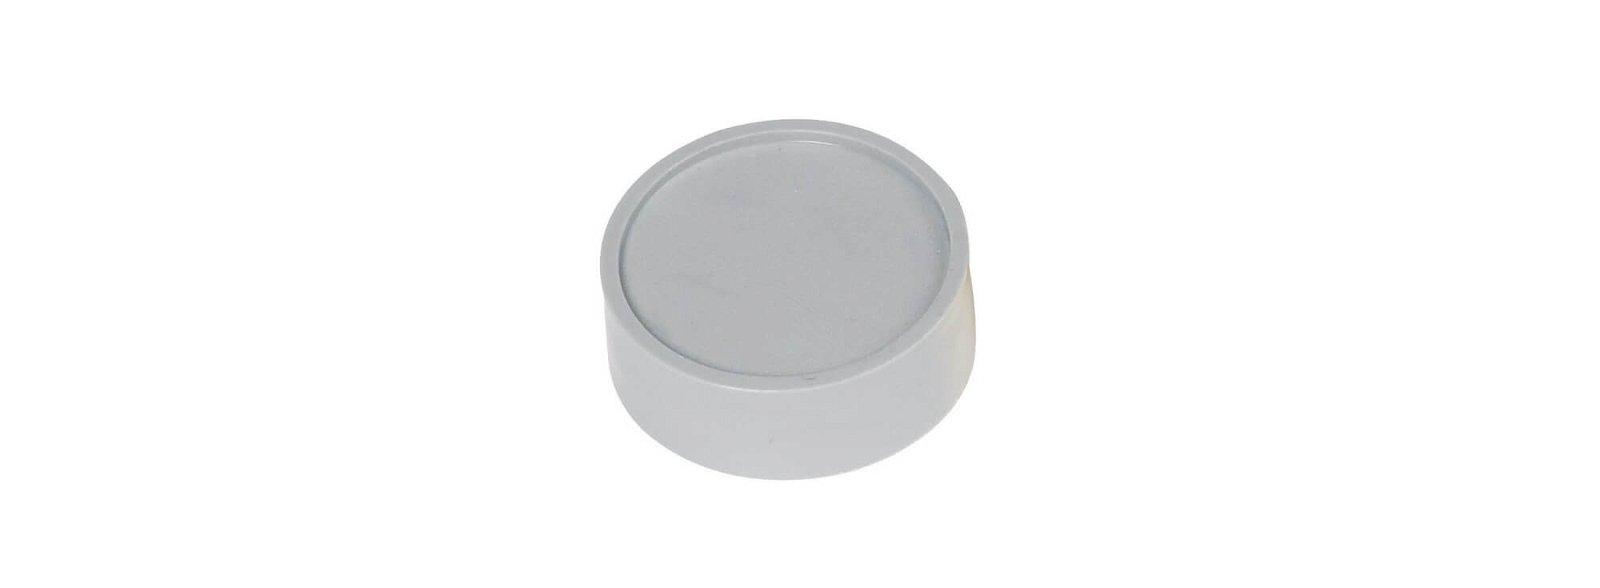 Rund-Magnet, PE Ø 34 mm, 2 kg Haftkraft, 10 St./Set, grau